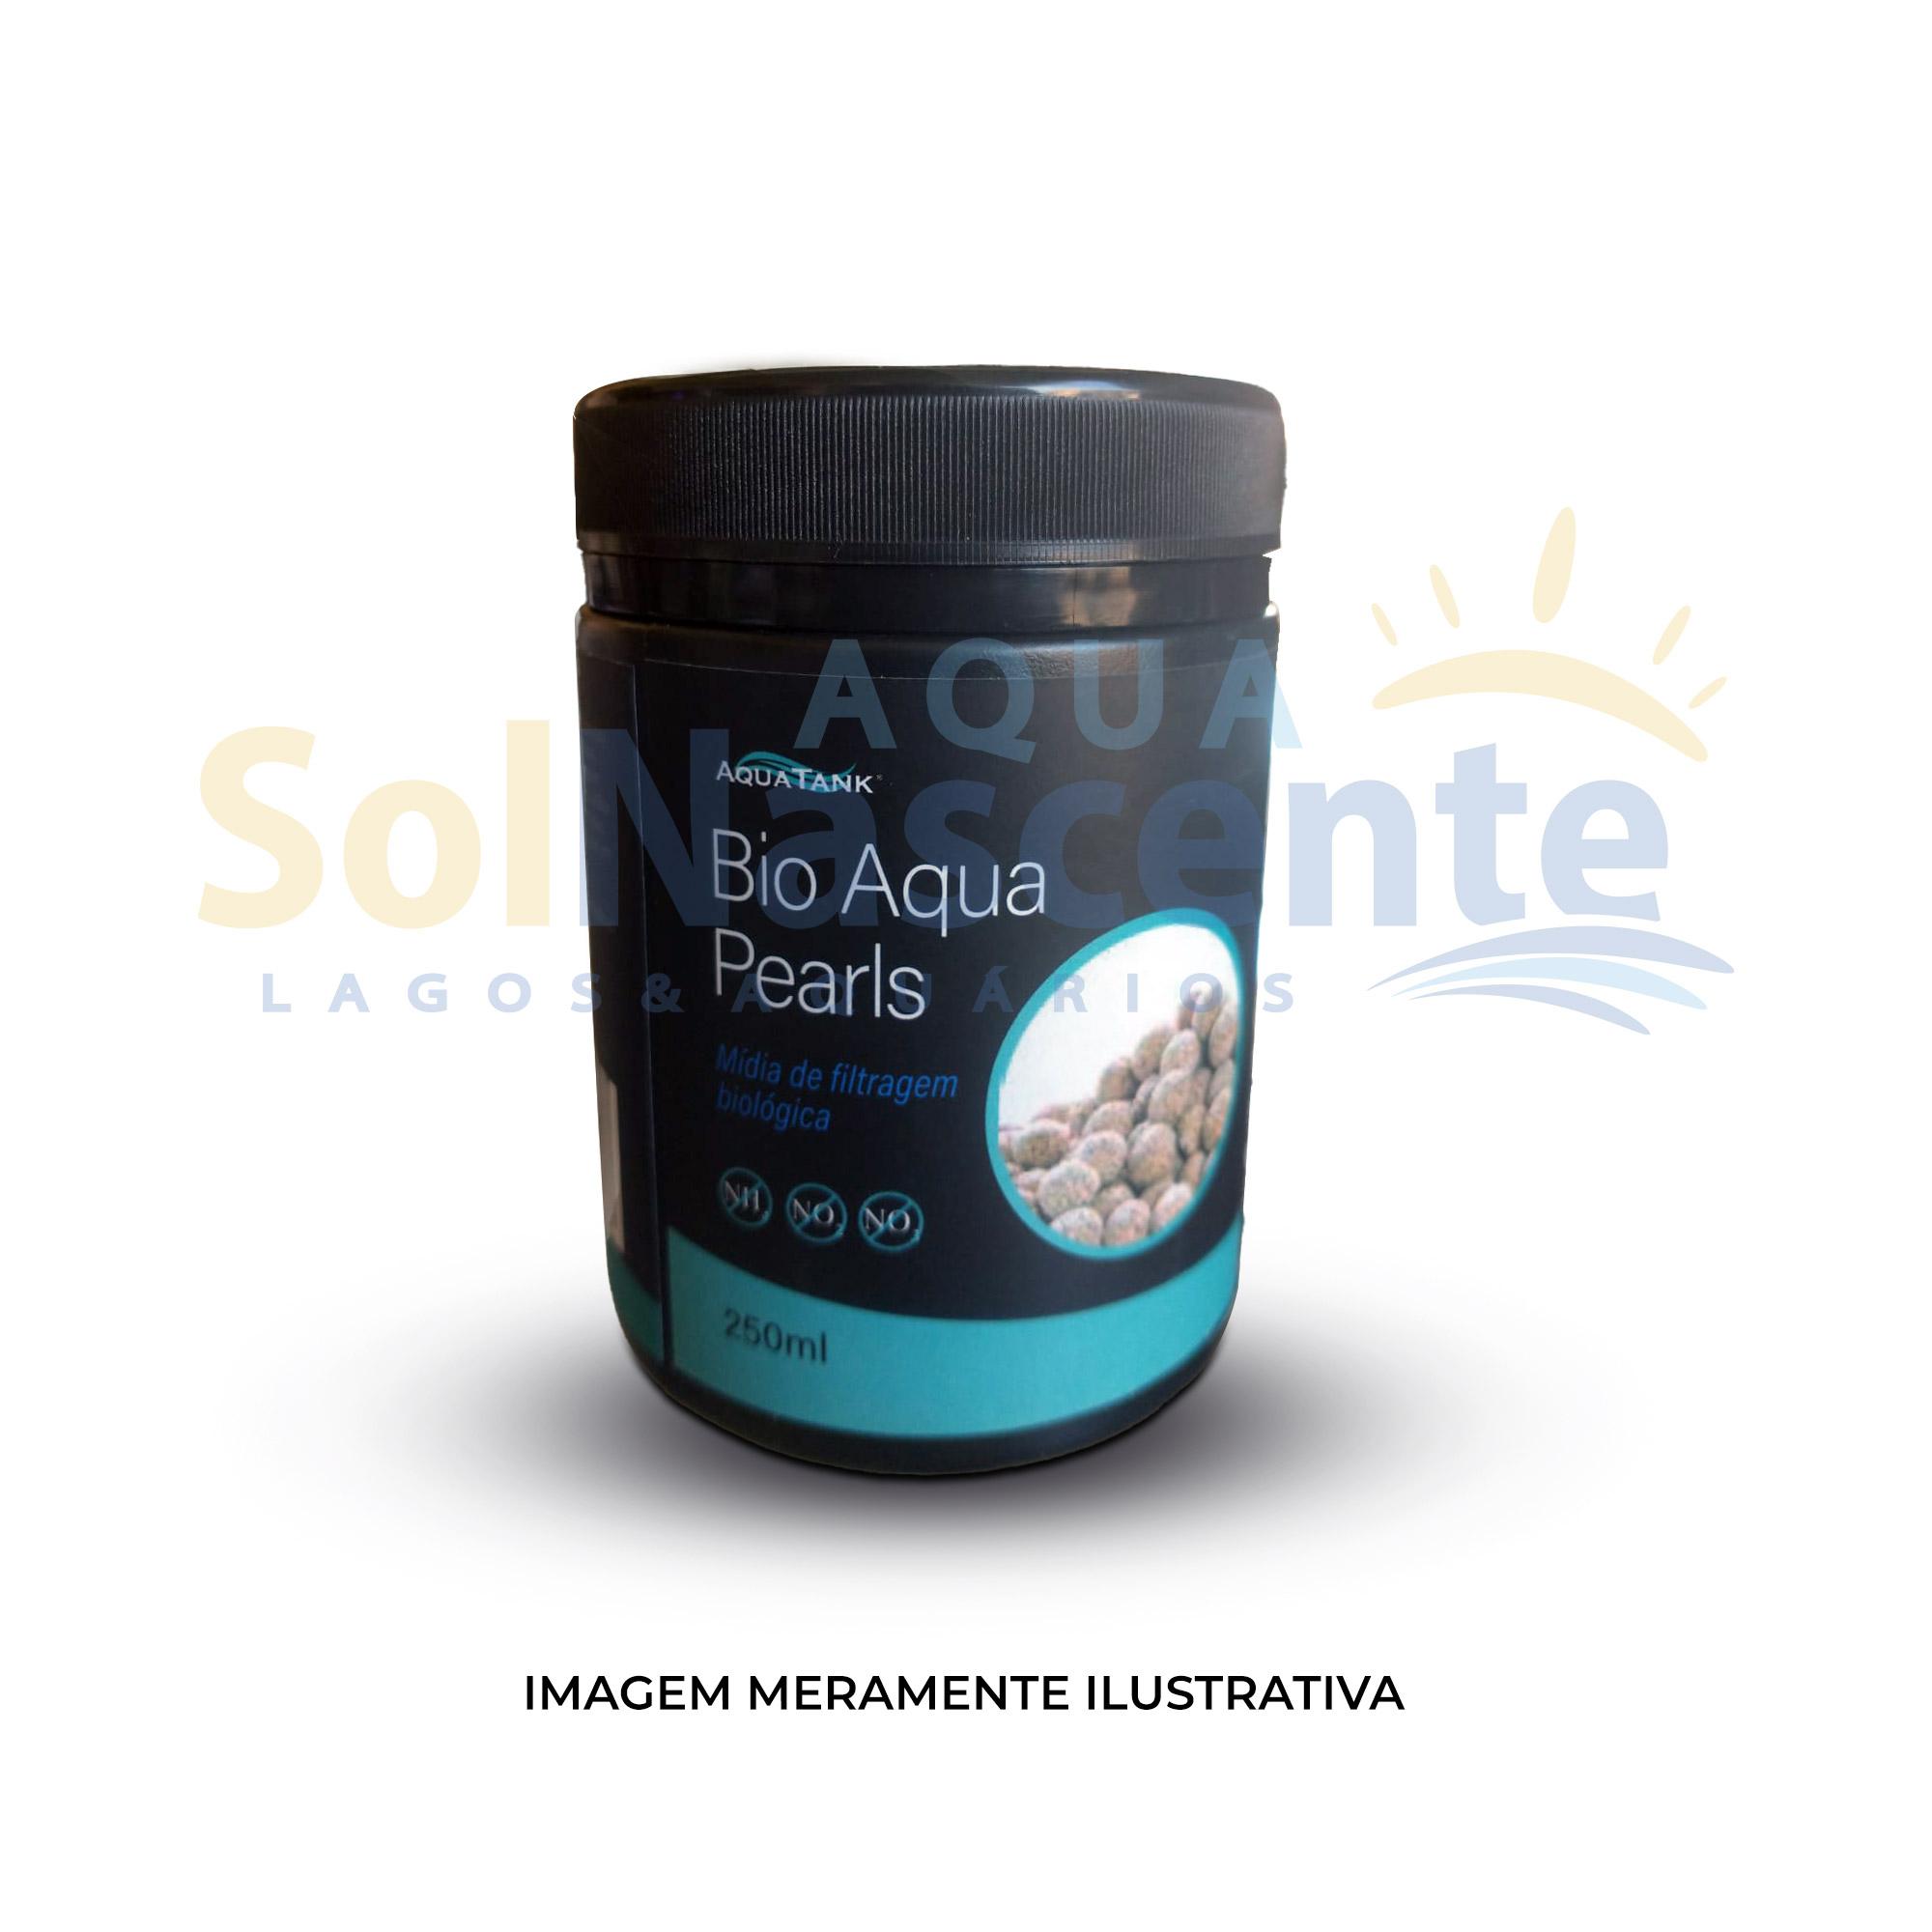 Aquatank Bio Aqua Pearls  250ml